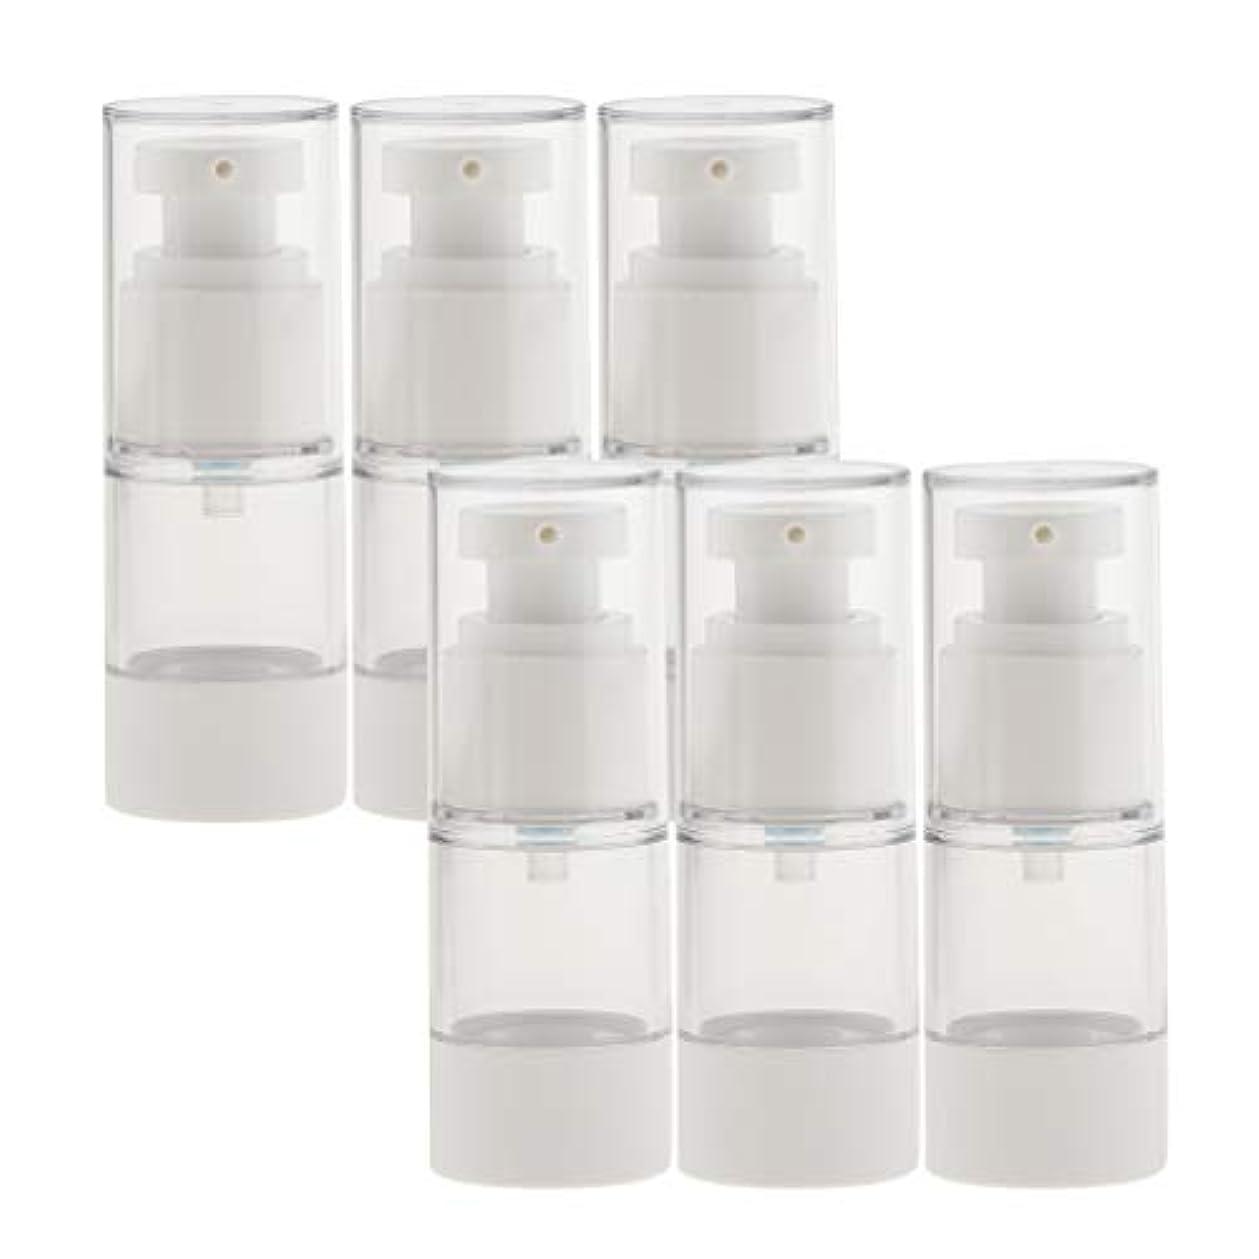 守銭奴洞察力夕暮れB Baosity 6個 真空スプレーボトル 香水ボトル ポンプボトル コスメ 化粧品 小分け用 詰替え ボトル 2サイズ選べ - 15ミリリットル